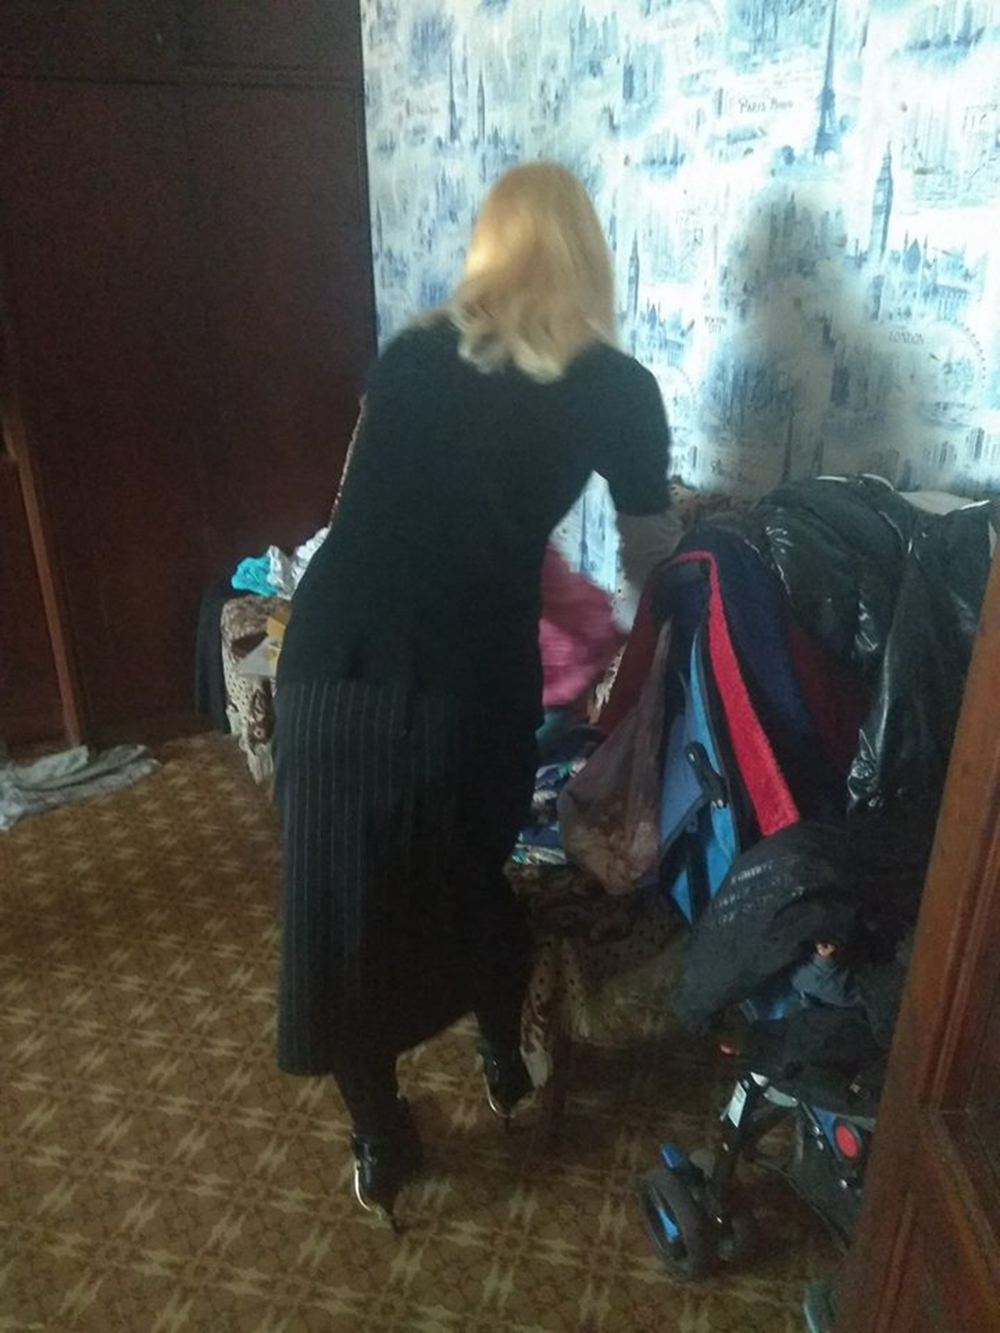 Одесса: убийца обратился в полицию, чтобы спасти детей из притона (фото)